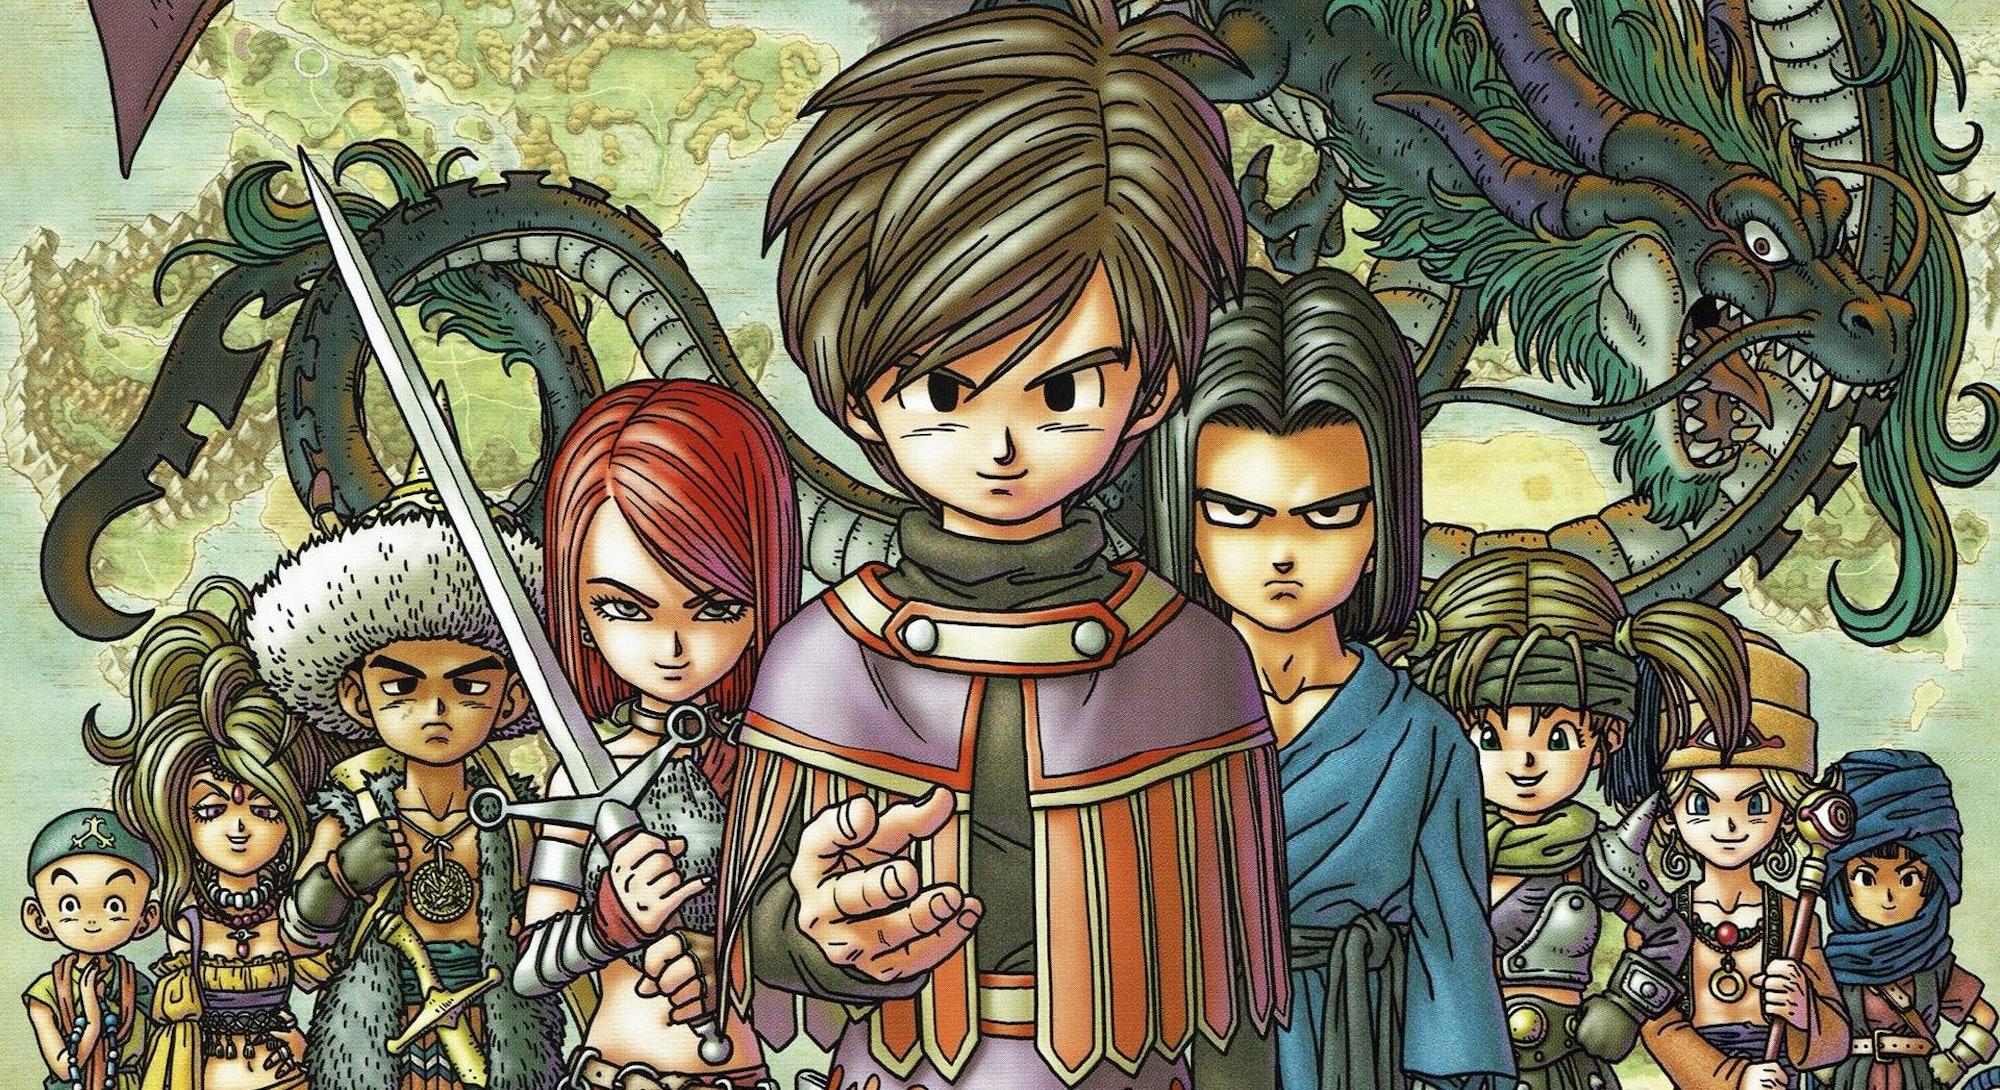 dragon quest 9 character art